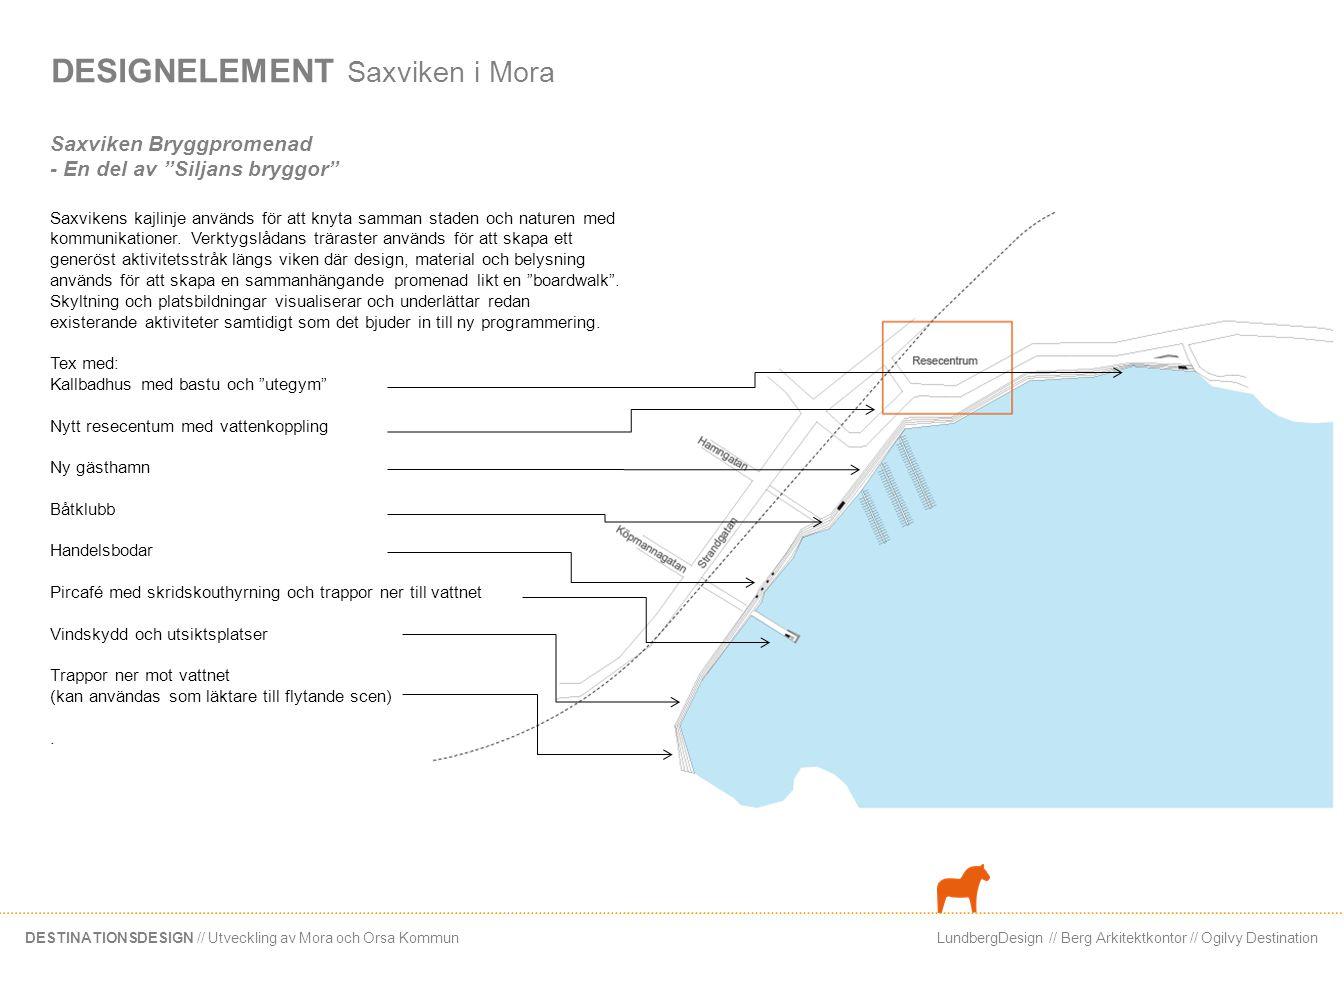 LundbergDesign // Berg Arkitektkontor // Ogilvy DestinationDESTINATIONSDESIGN // Utveckling av Mora och Orsa Kommun DESIGNELEMENT Saxviken i Mora Saxviken Bryggpromenad - En del av Siljans bryggor Bryggans plankmönster kan användas för att skapa tredimensionella objekt för att tillhandahålla olika funktioner som bänkar, vindskydd, paviljonger och handelsbodar.